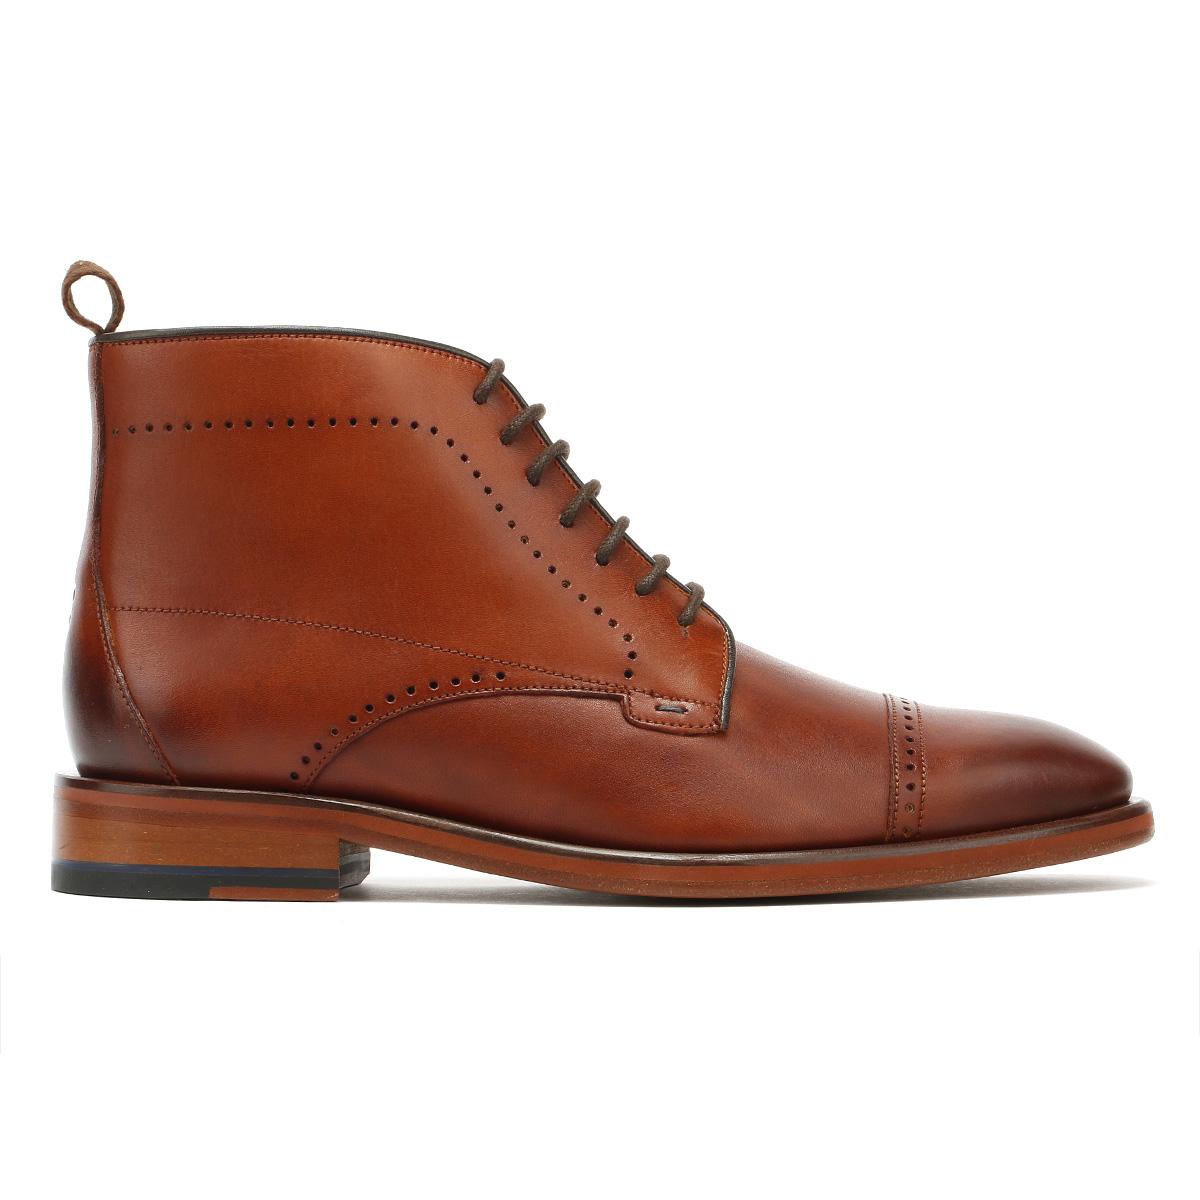 Oliver Sweeney Armadale Tan Braun  Uomo Stiefel Leder Leder Leder Lace Up Brogue Ankle Schuhes b47f37